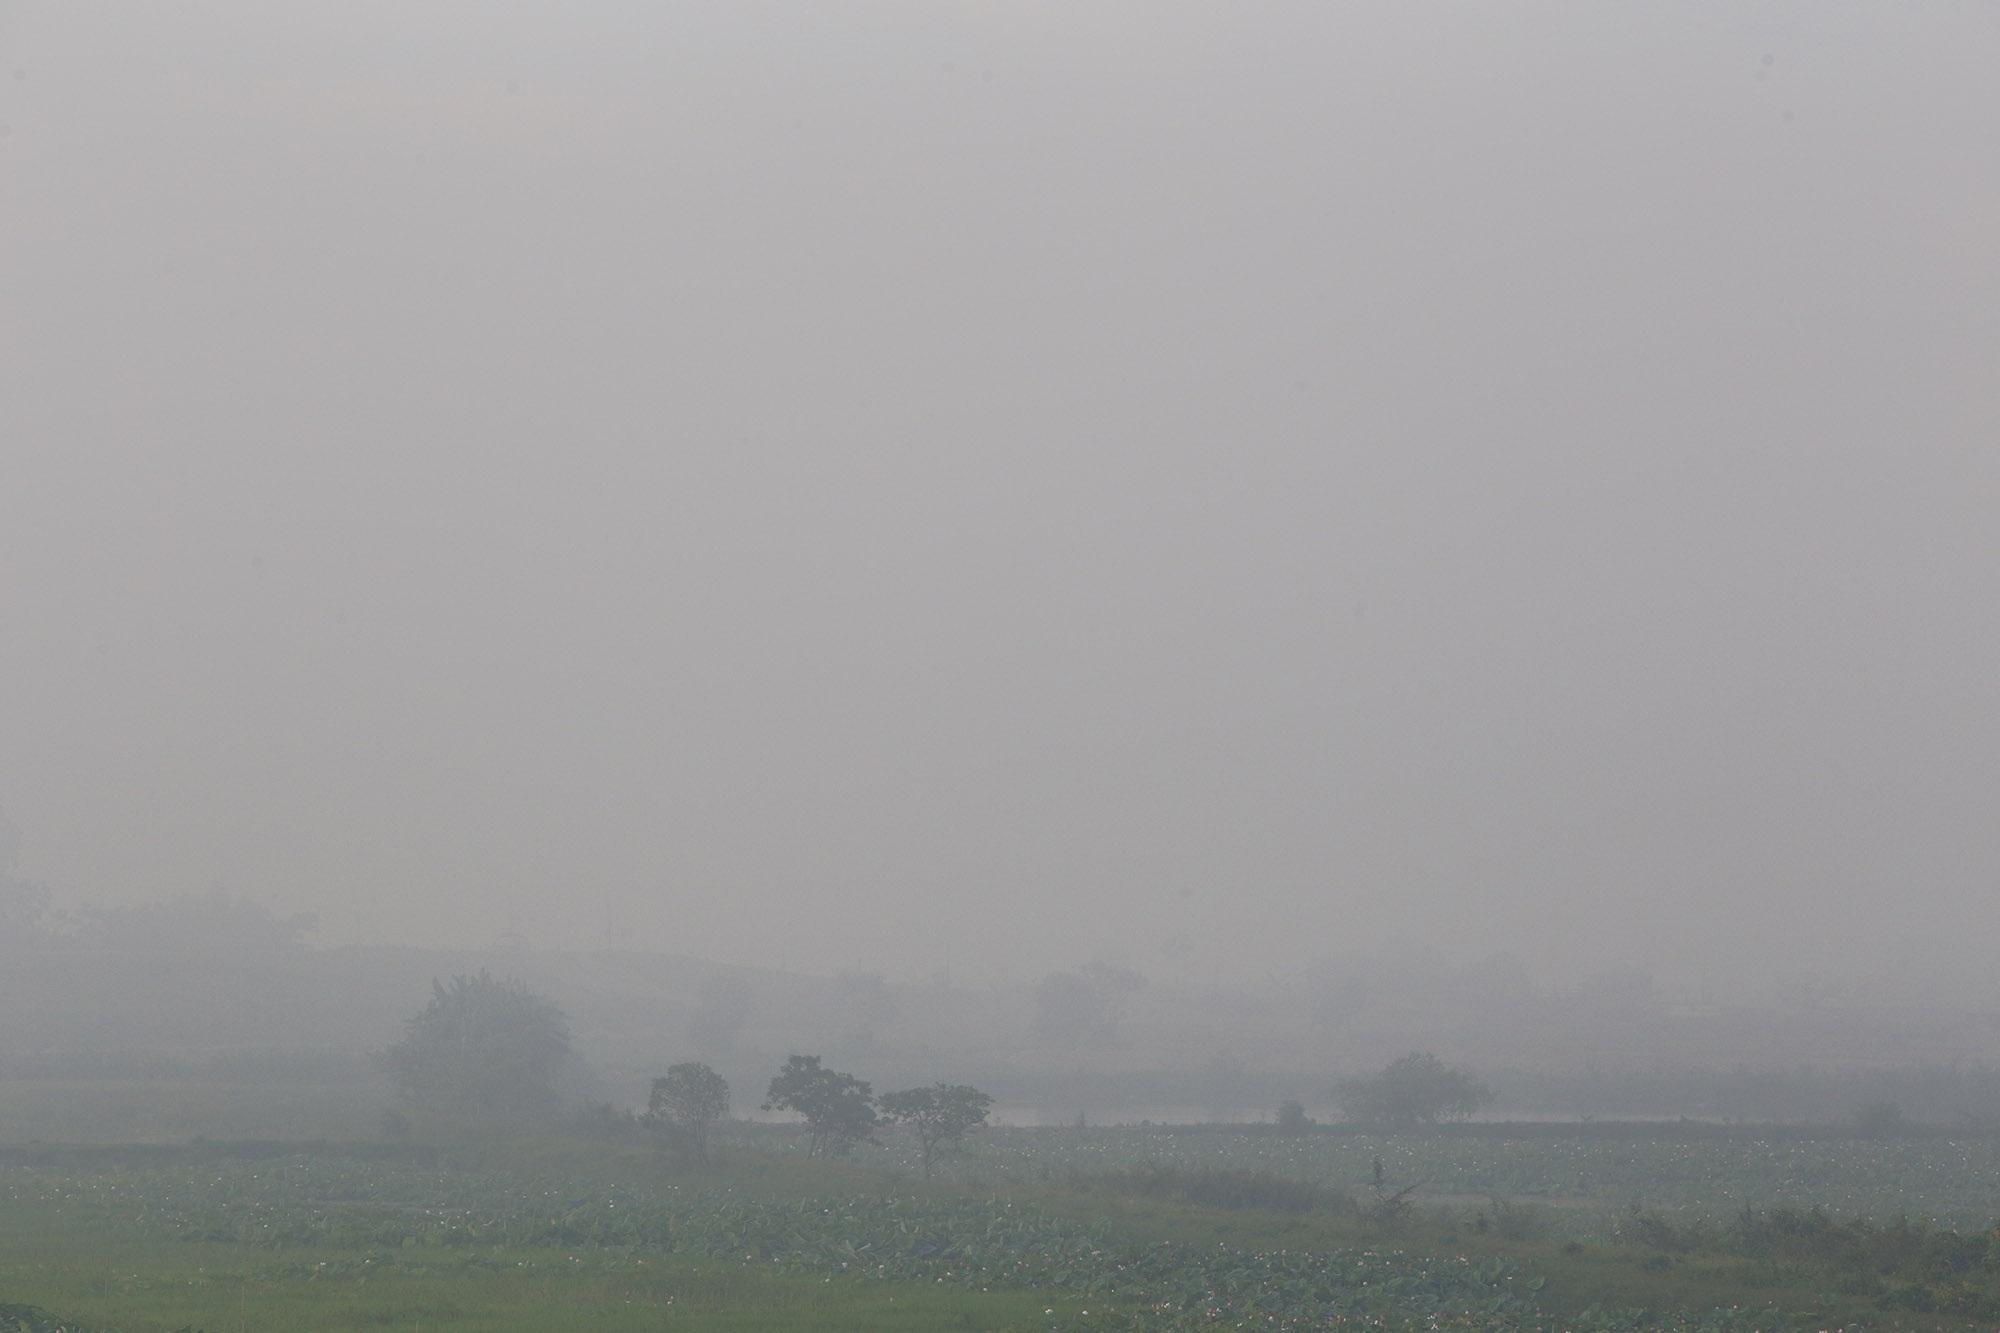 Cảnh khói trắng đặc quánh bao phủ cửa ngõ Hà Nội - 5